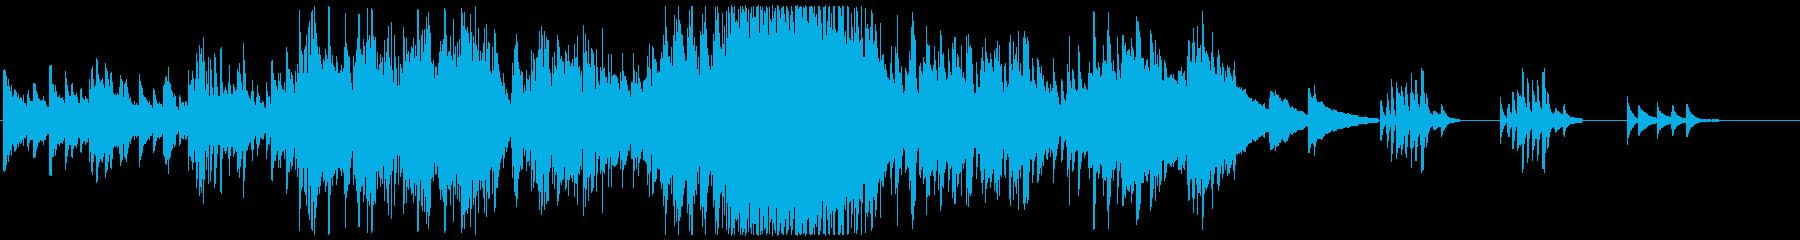 ベートーヴェンソナタ田園第1楽章展開部の再生済みの波形